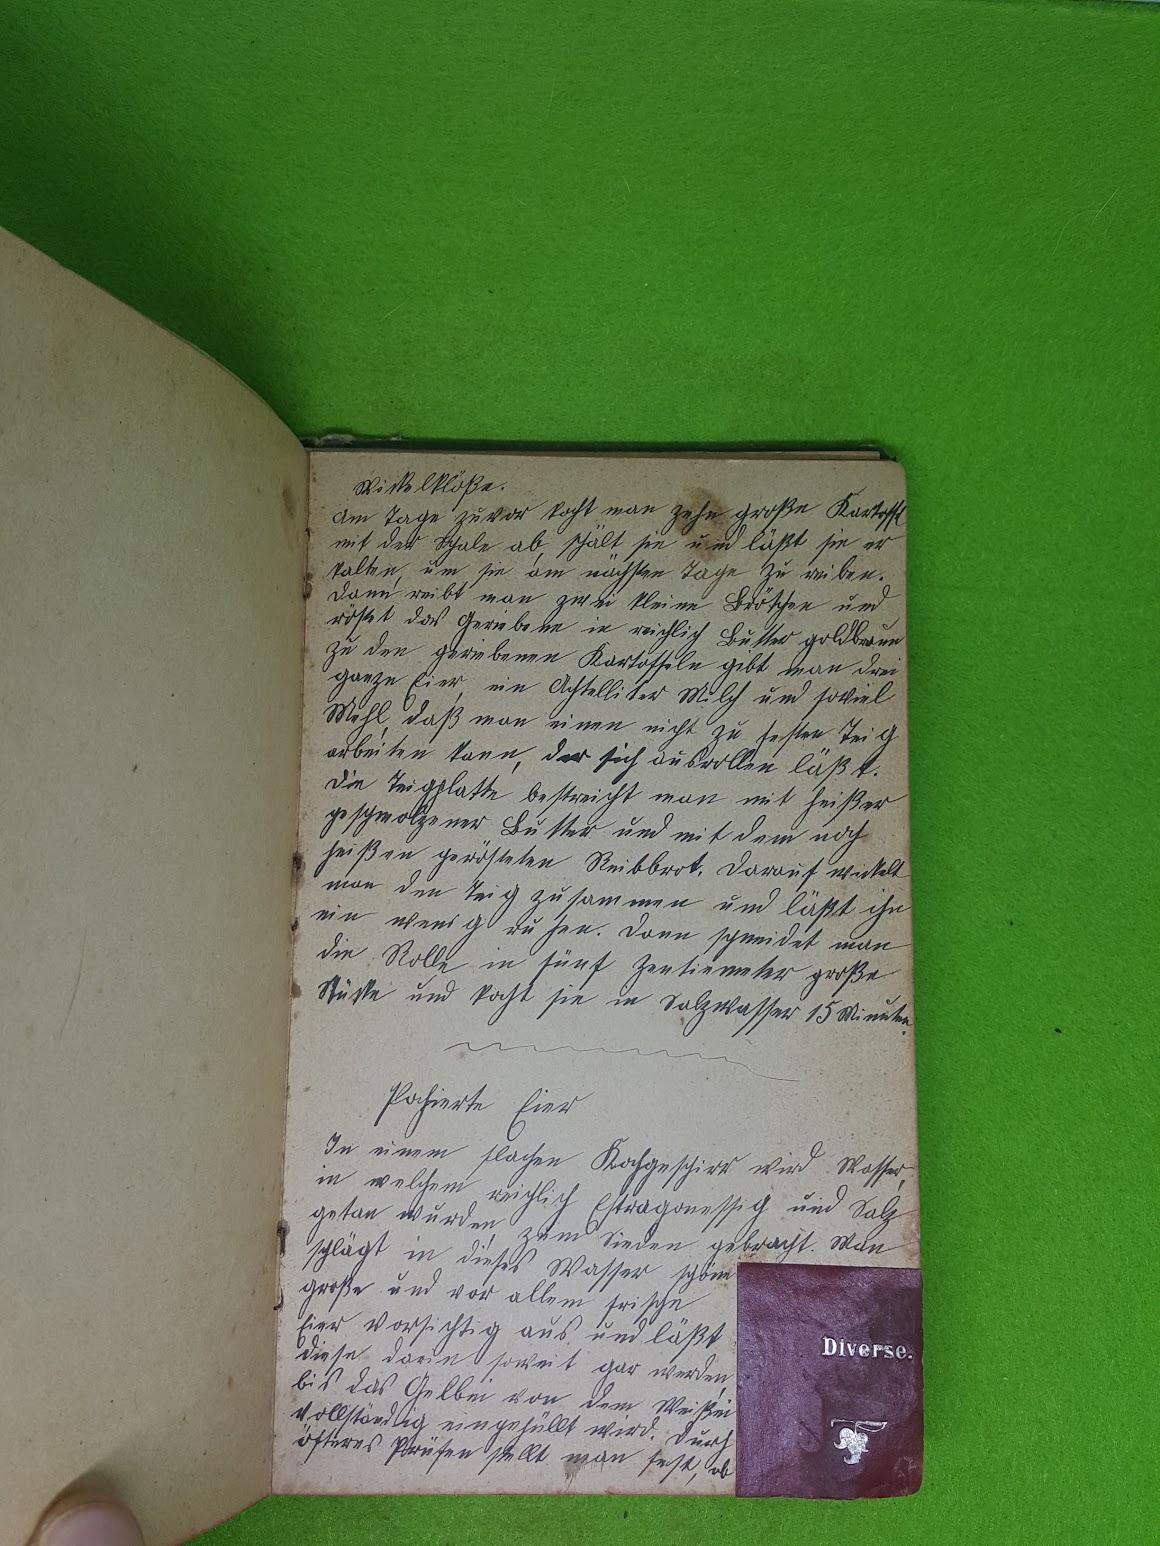 Rezeptbuch von 1907 - Diverse